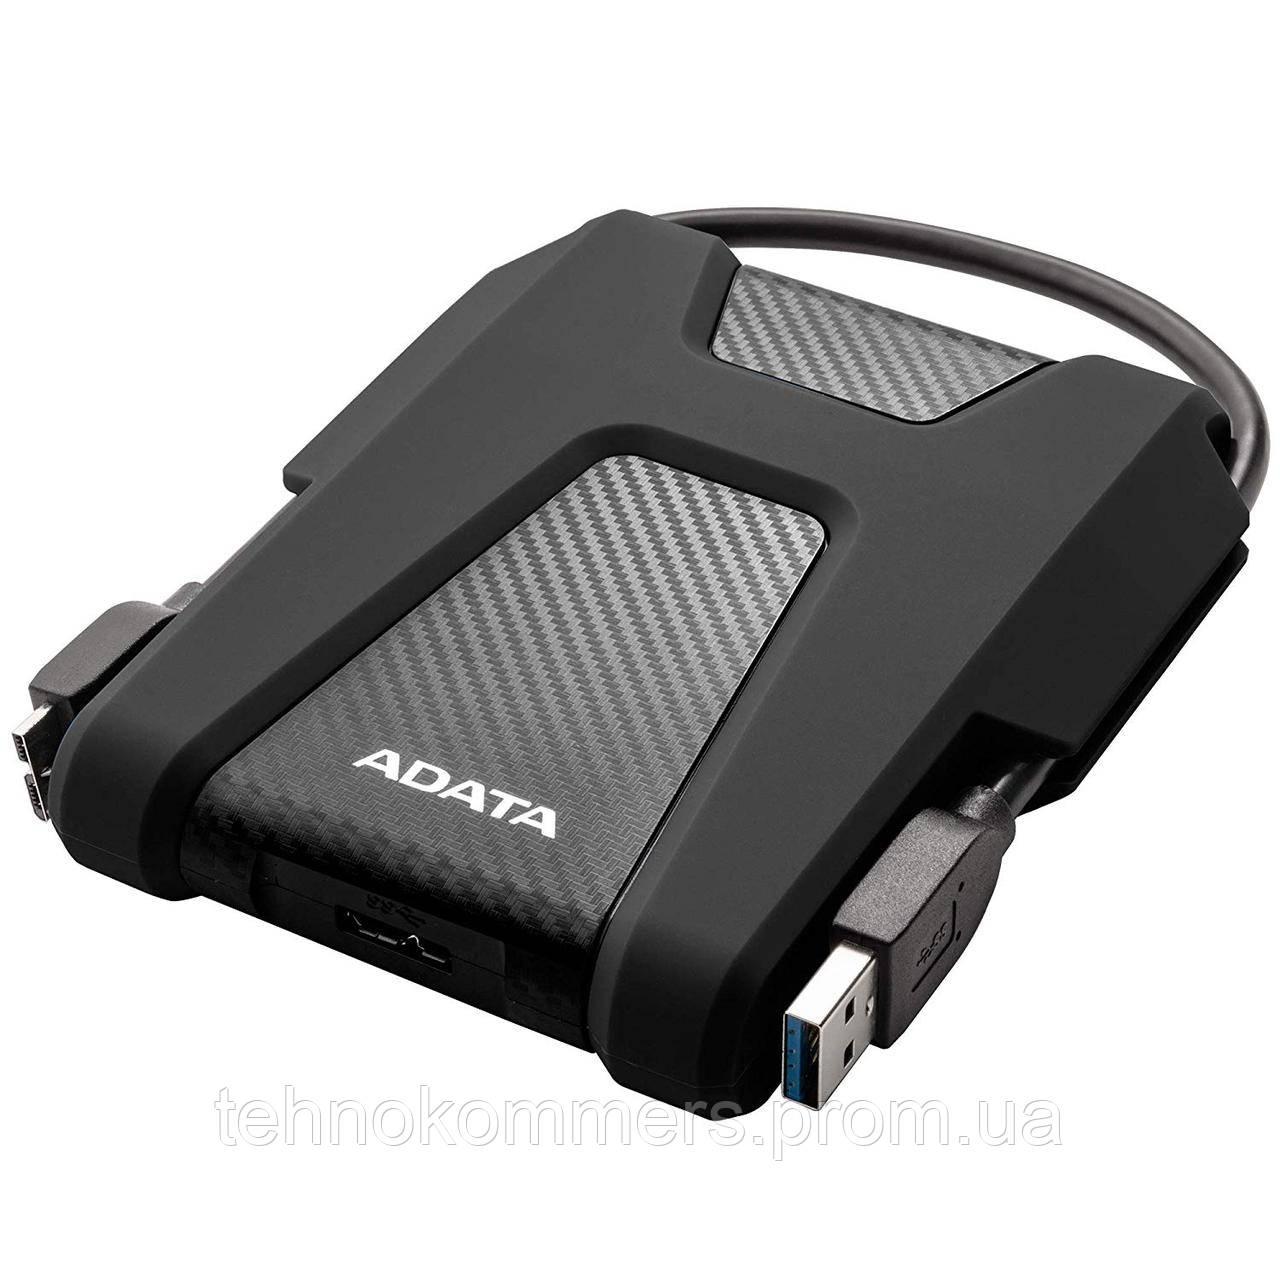 """Жорсткий диск зовнішній A-DATA USB 3.2 Gen1 HD680 2TB 2,5"""" Чорний"""